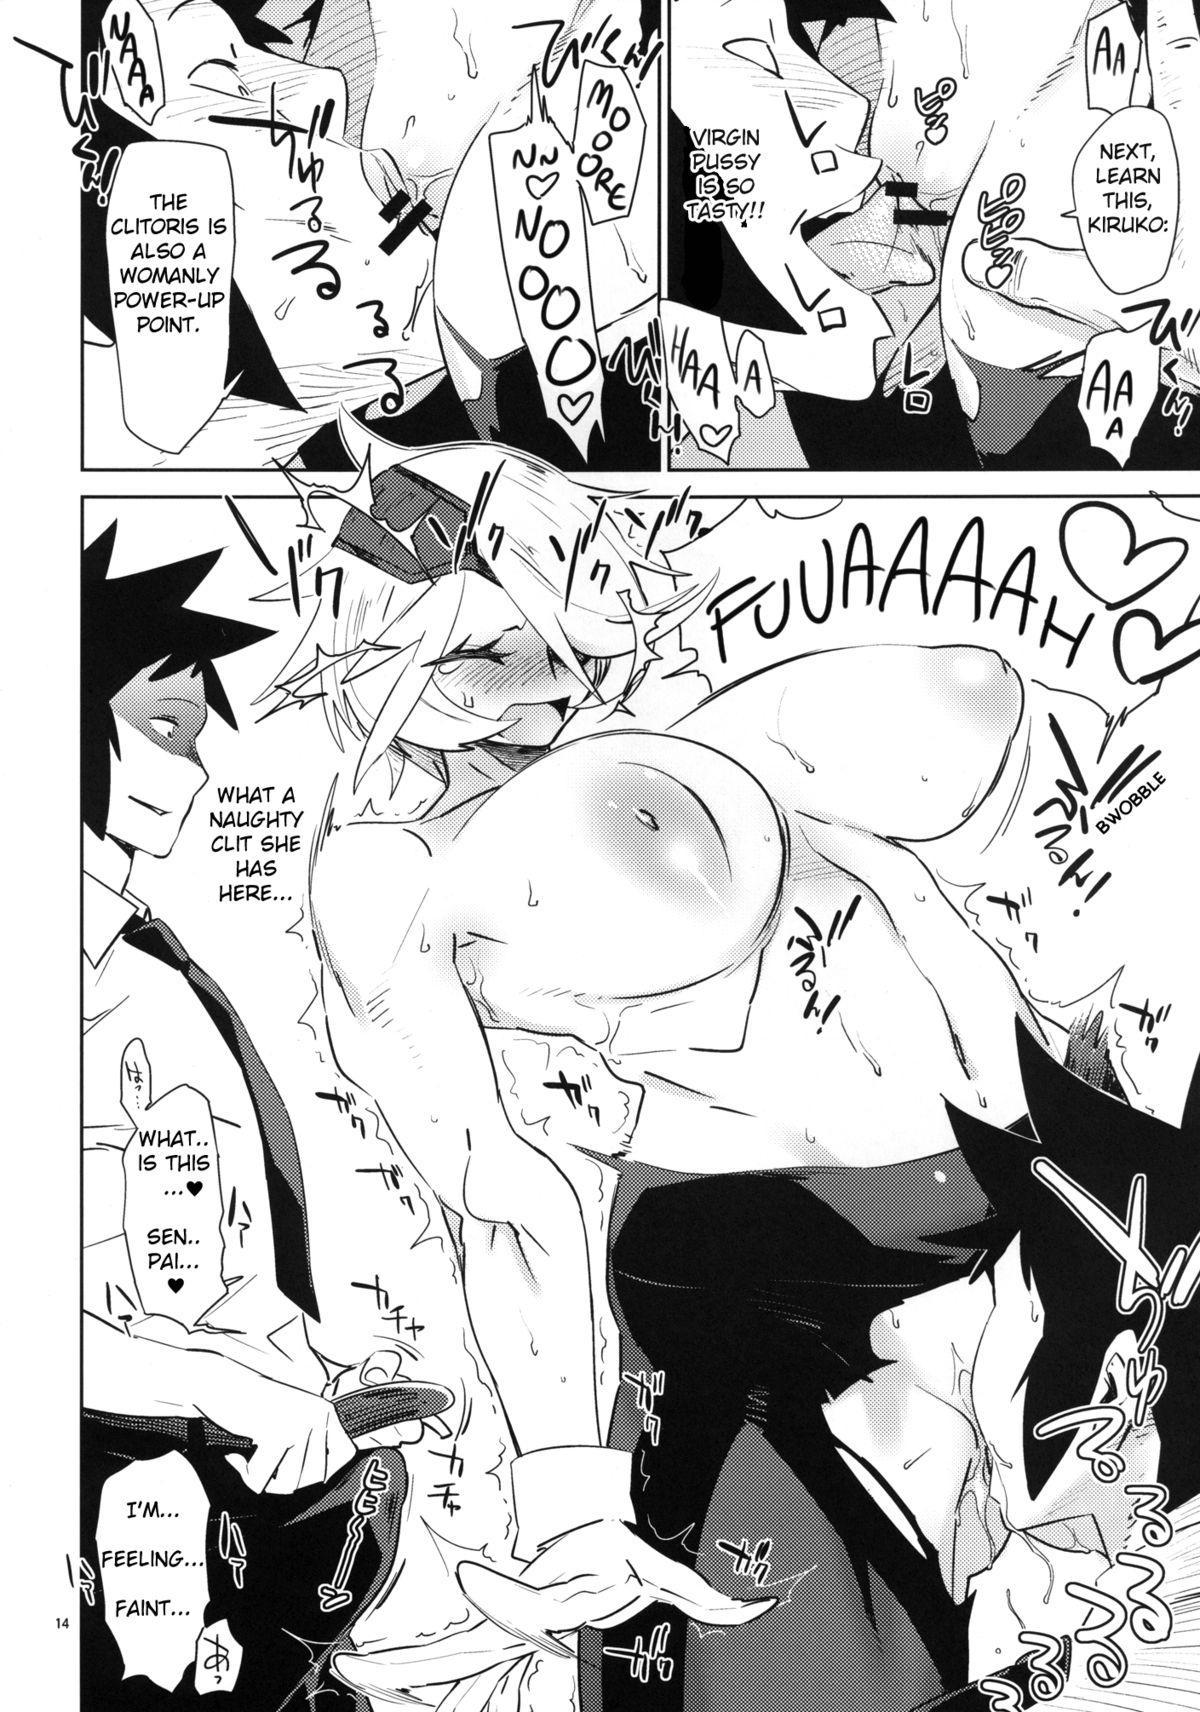 [Abradeli Kami (bobobo)] Kiruko-san no Joshiryoku Up Daisakusen | Kiruko's Womanly Power-Up Epic Battle (Shinmai Fukei Kiruko-san) [English] [Koukai Shokei] [Digital] 13